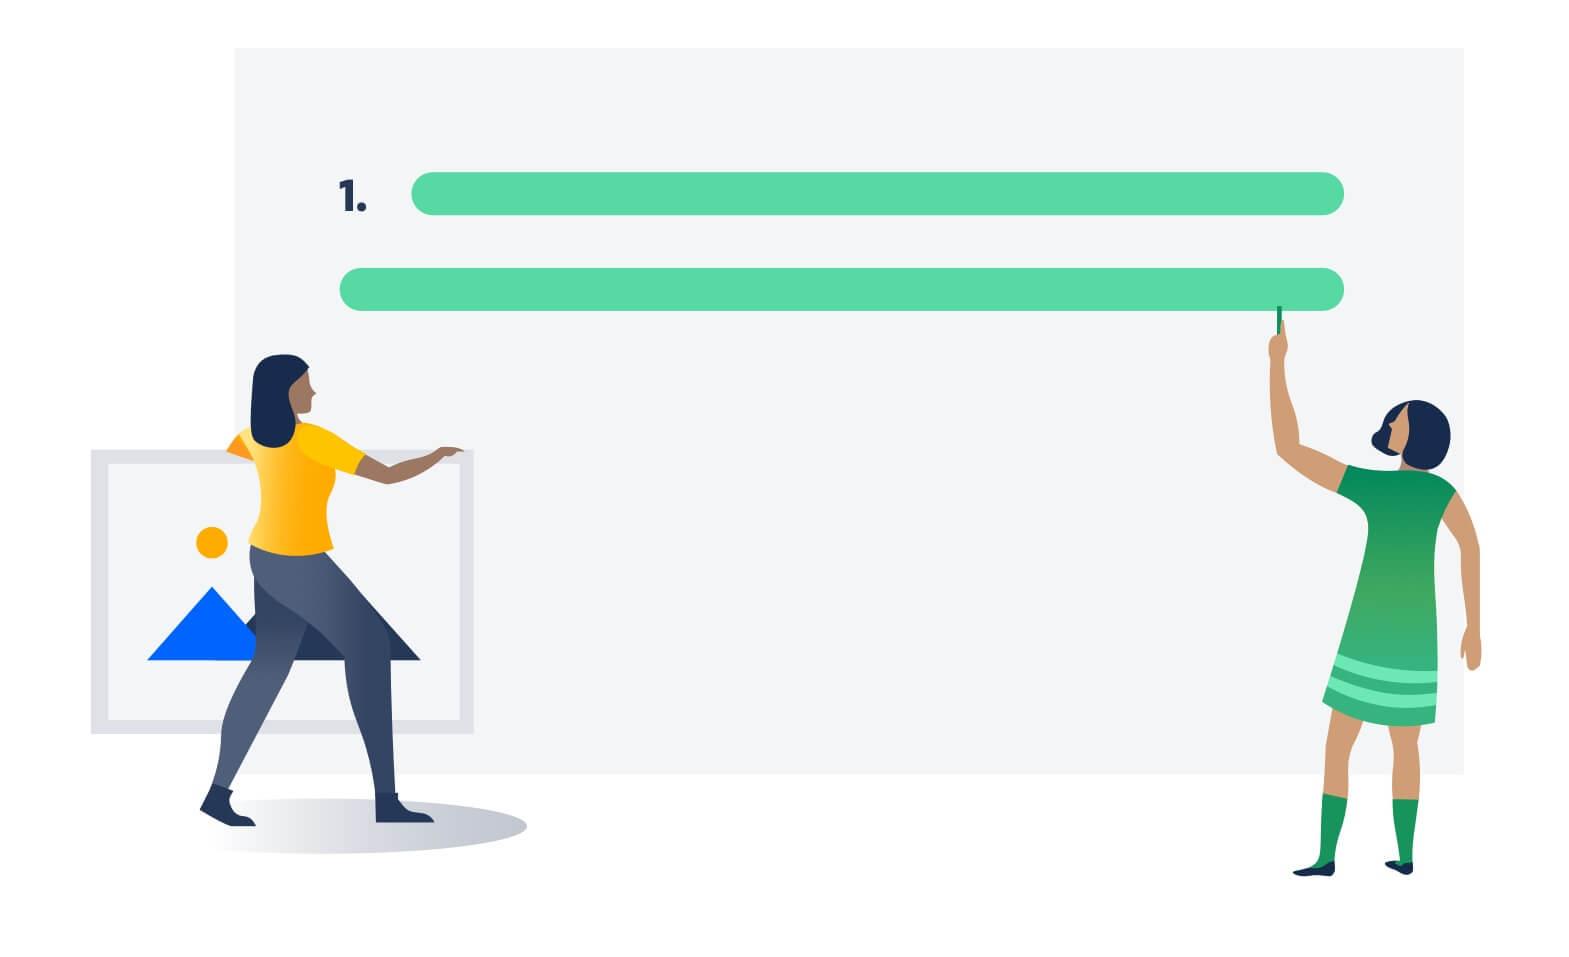 3단계. 삽화, 그래픽 및 스크린샷 수집